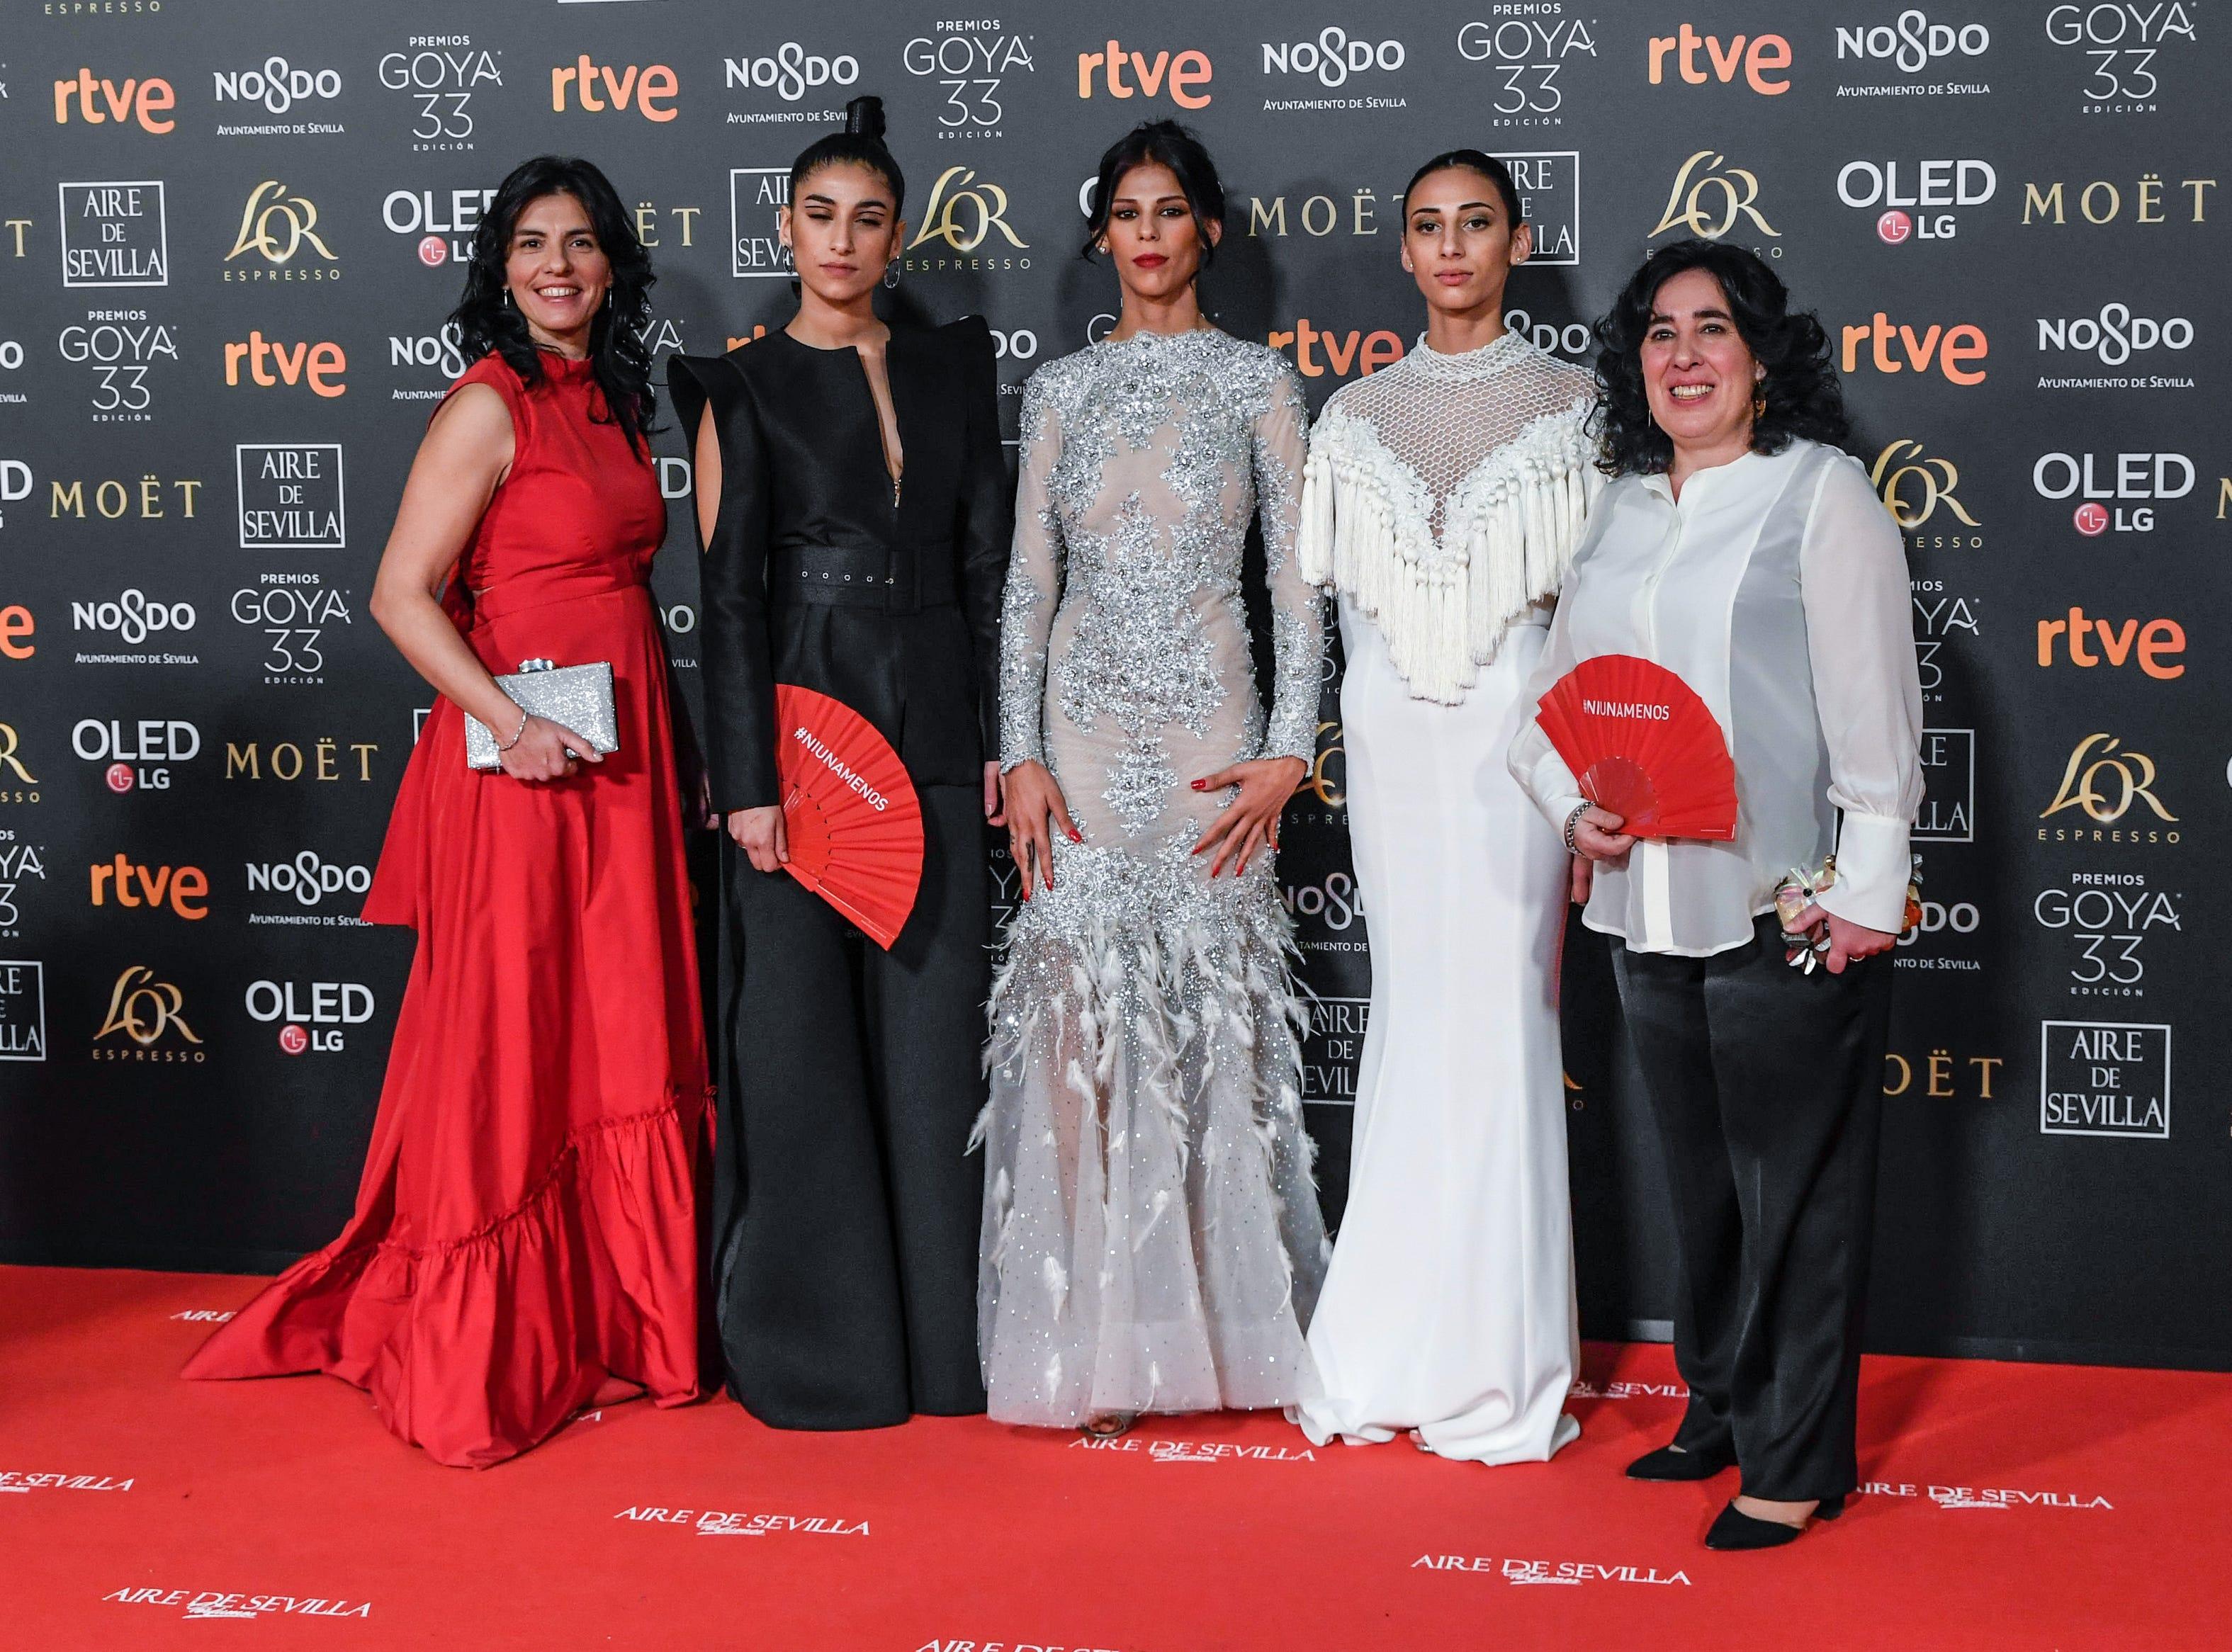 Carolina Yuste, Zaira Morales, Rosy Rodríguez y Arantxa Echevarría asisten a la 33ª edición de los Premios de Cine Goya en el Palacio de Congresos y Exposiciones FIBES el 2 de febrero de 2019 en Sevilla, España.